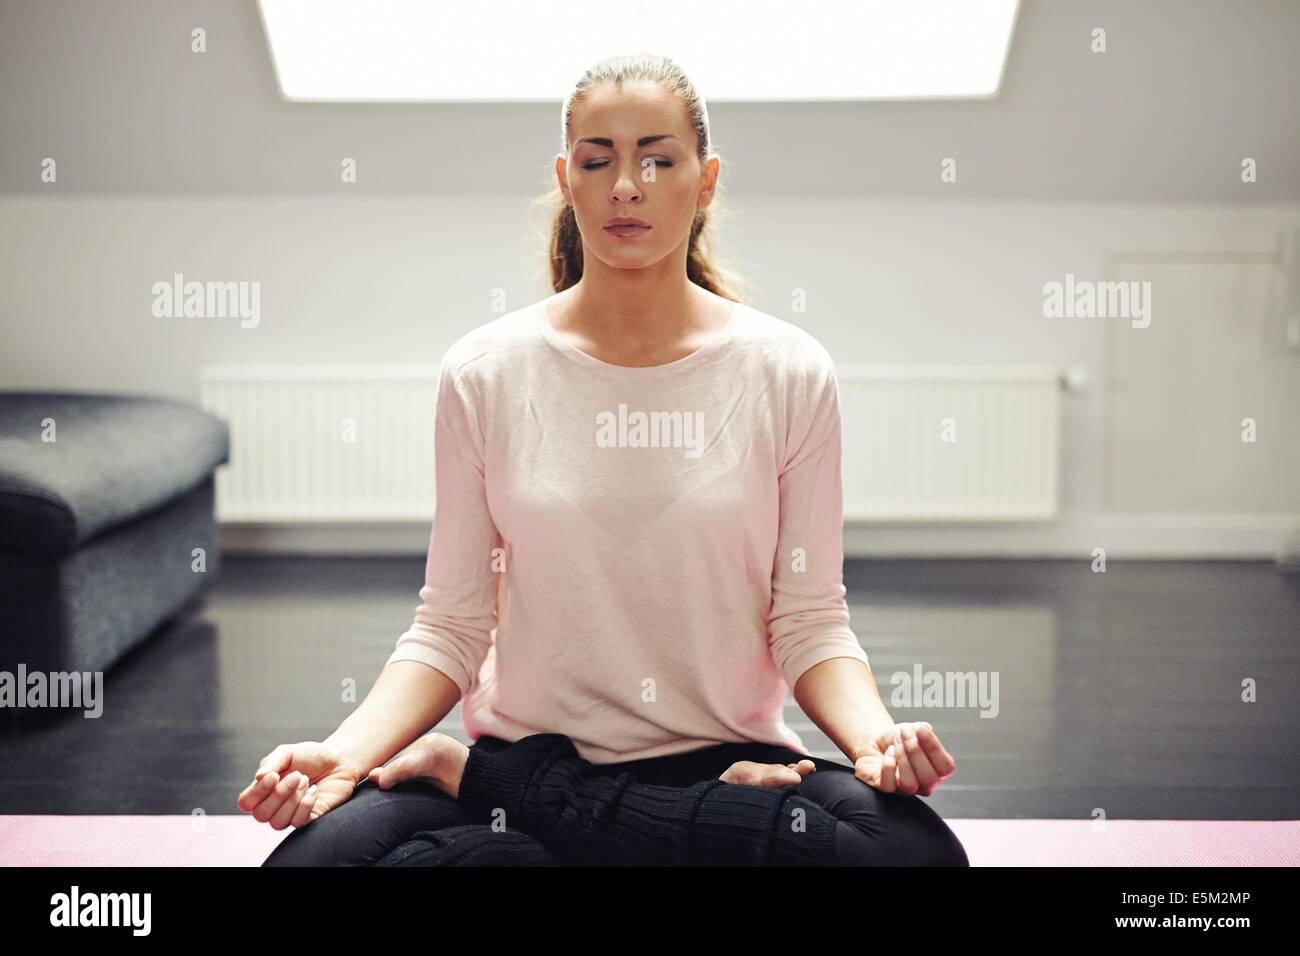 Portrait De Femme Belle De L Exercice Detente A La Maison Avec Du Yoga D Entrainement Monter Caucasian Female Model Dans La Meditation Photo Stock Alamy